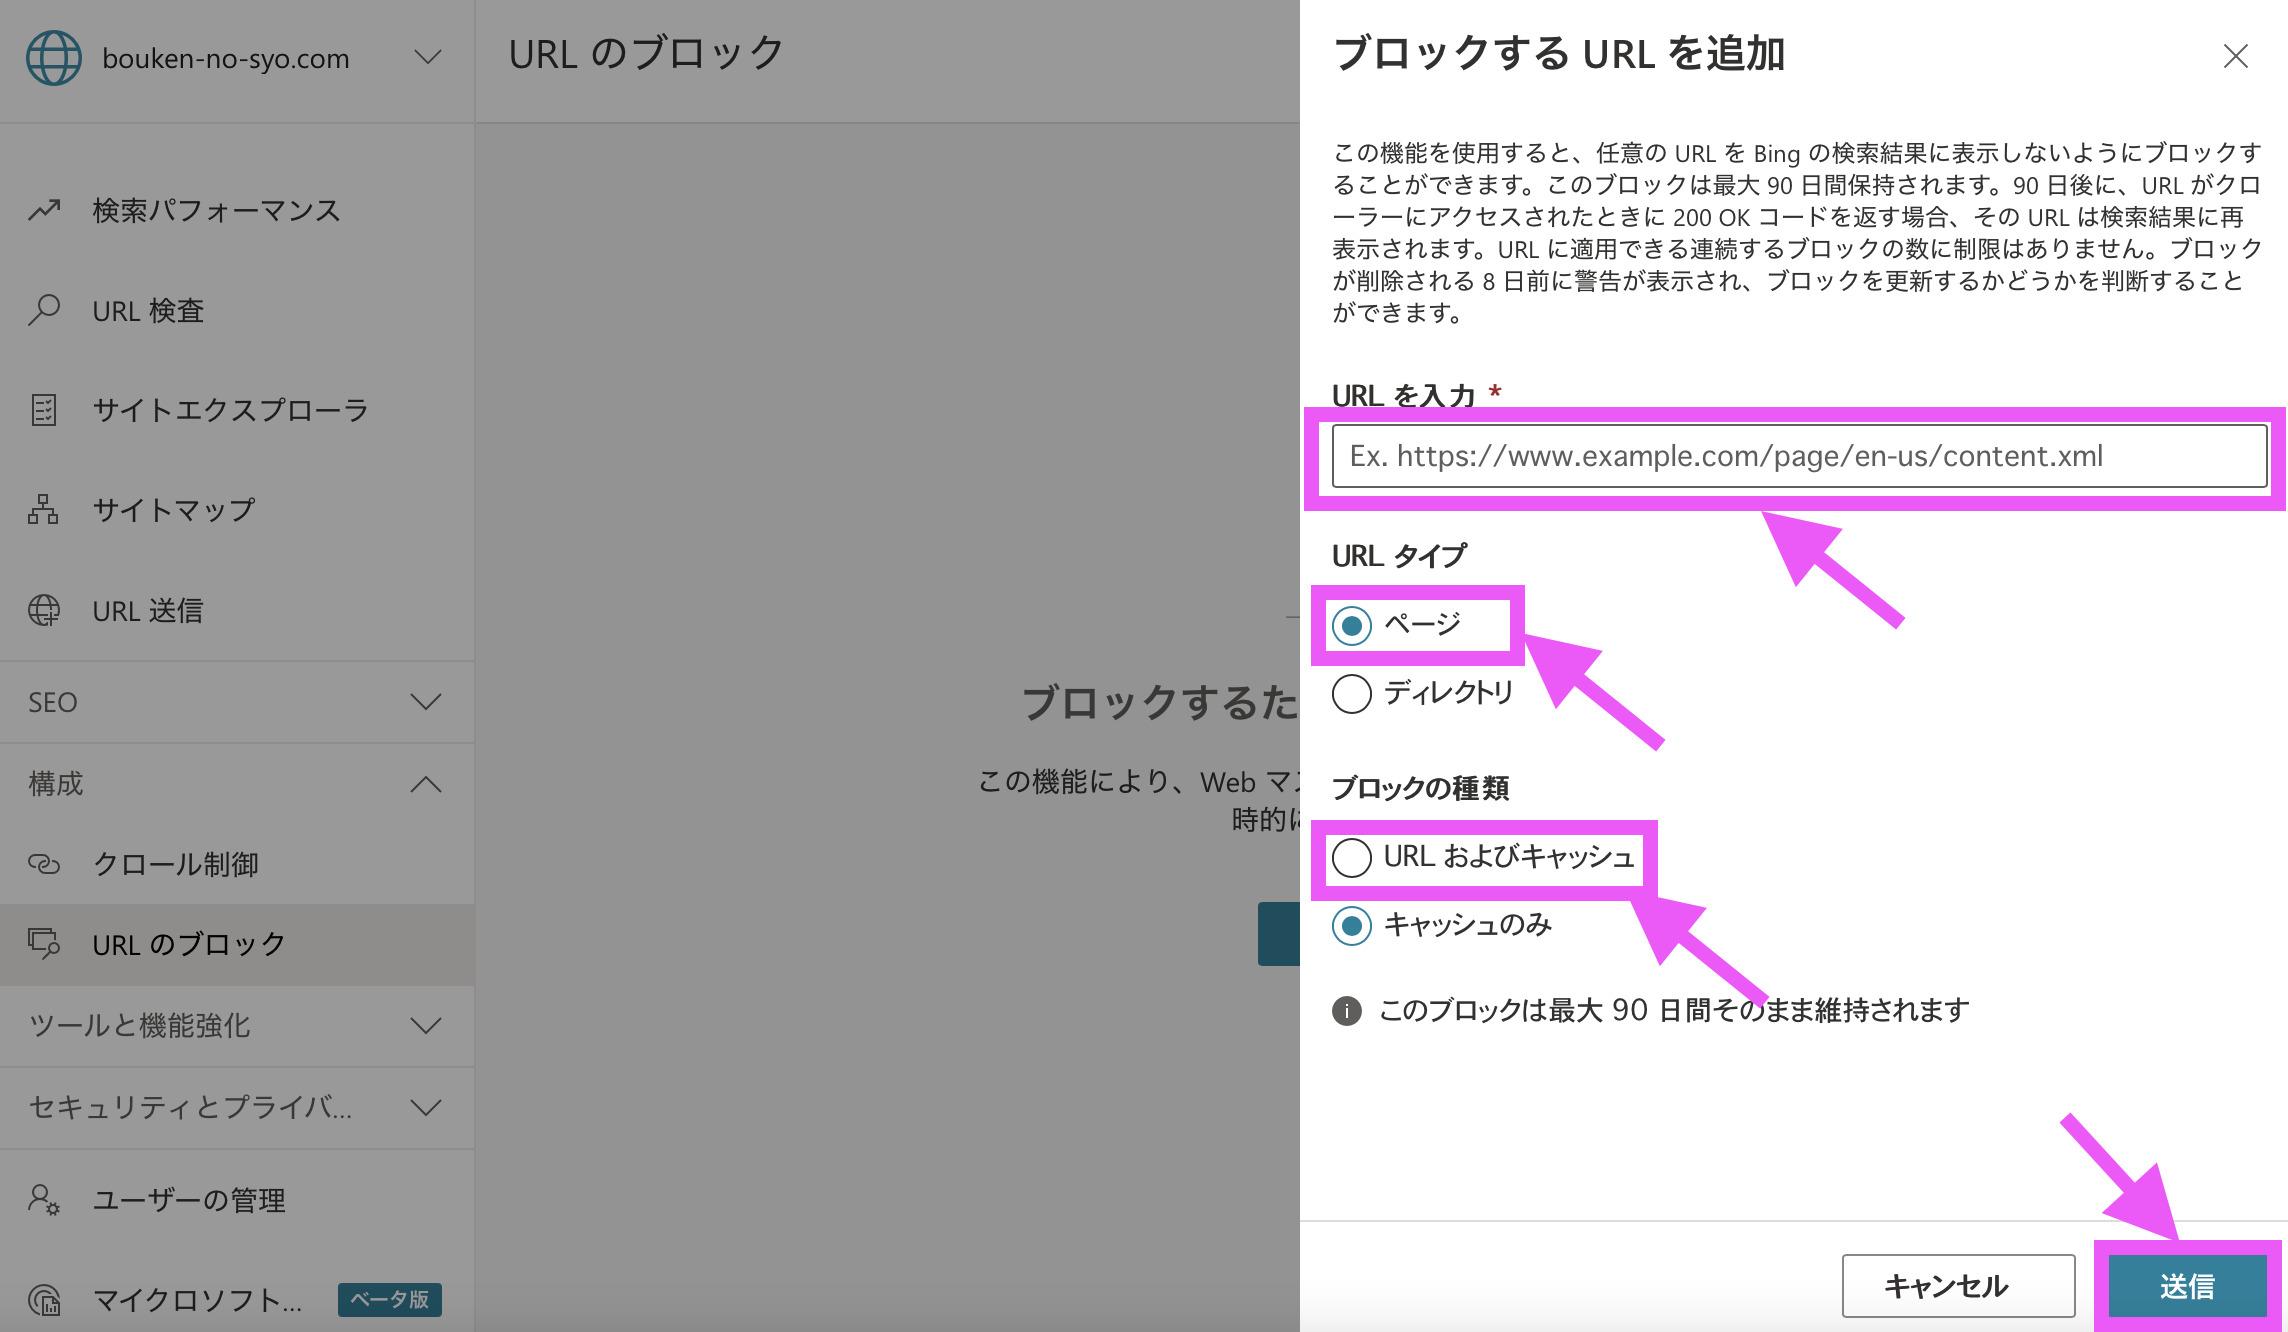 Bingウェブマスターツールを用いてBing方indexを削除する方法